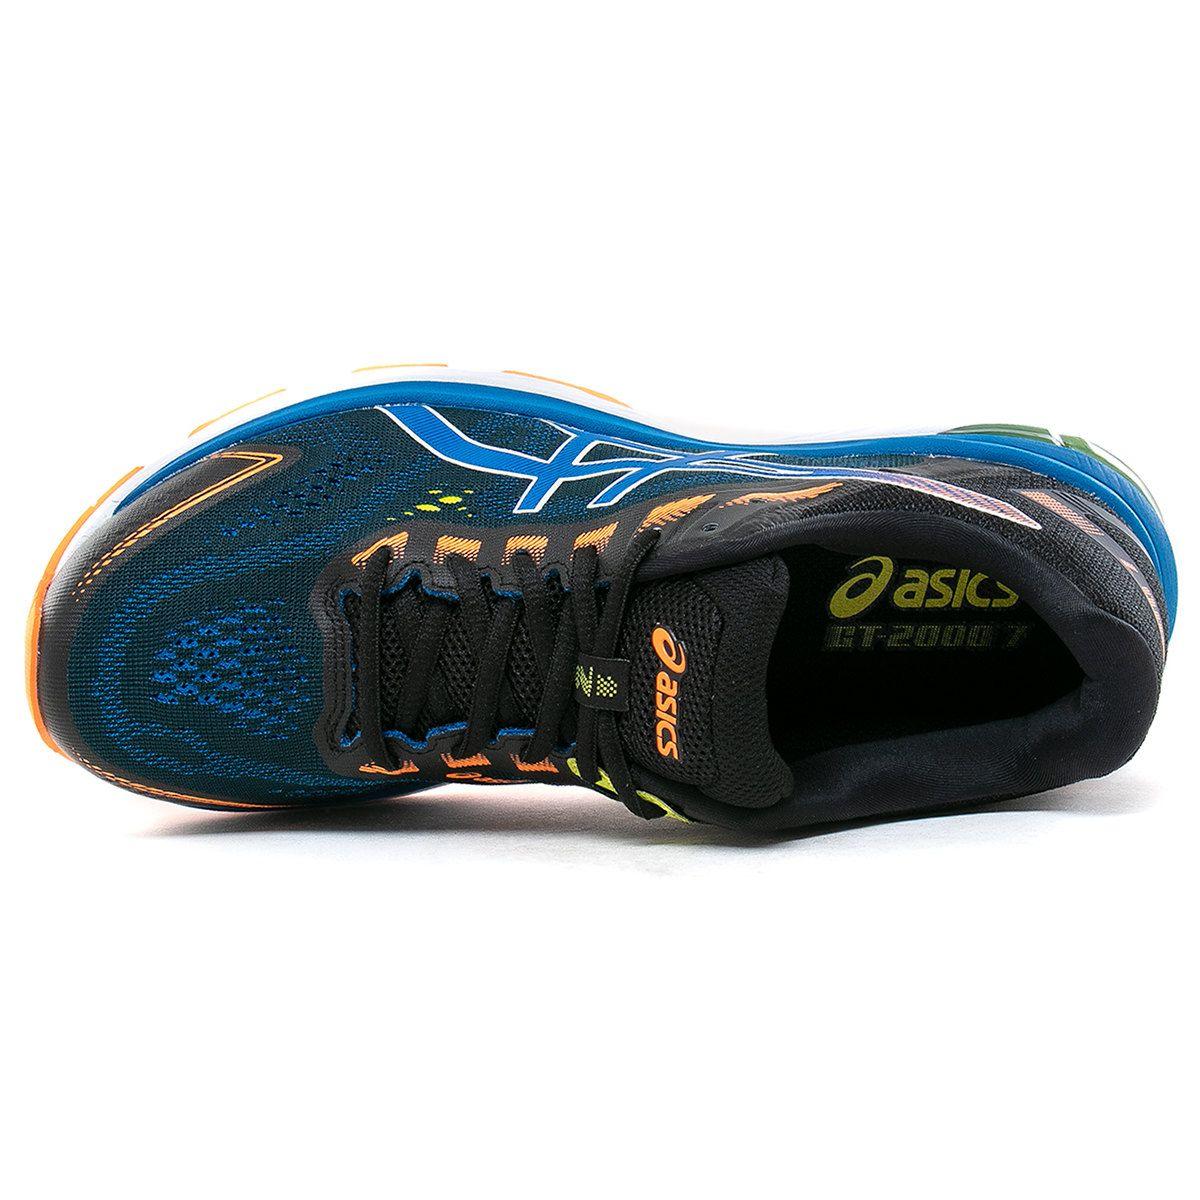 ZAPATILLAS GT 2000 7 asics | Zapatillas, Calzas y Conjuntos